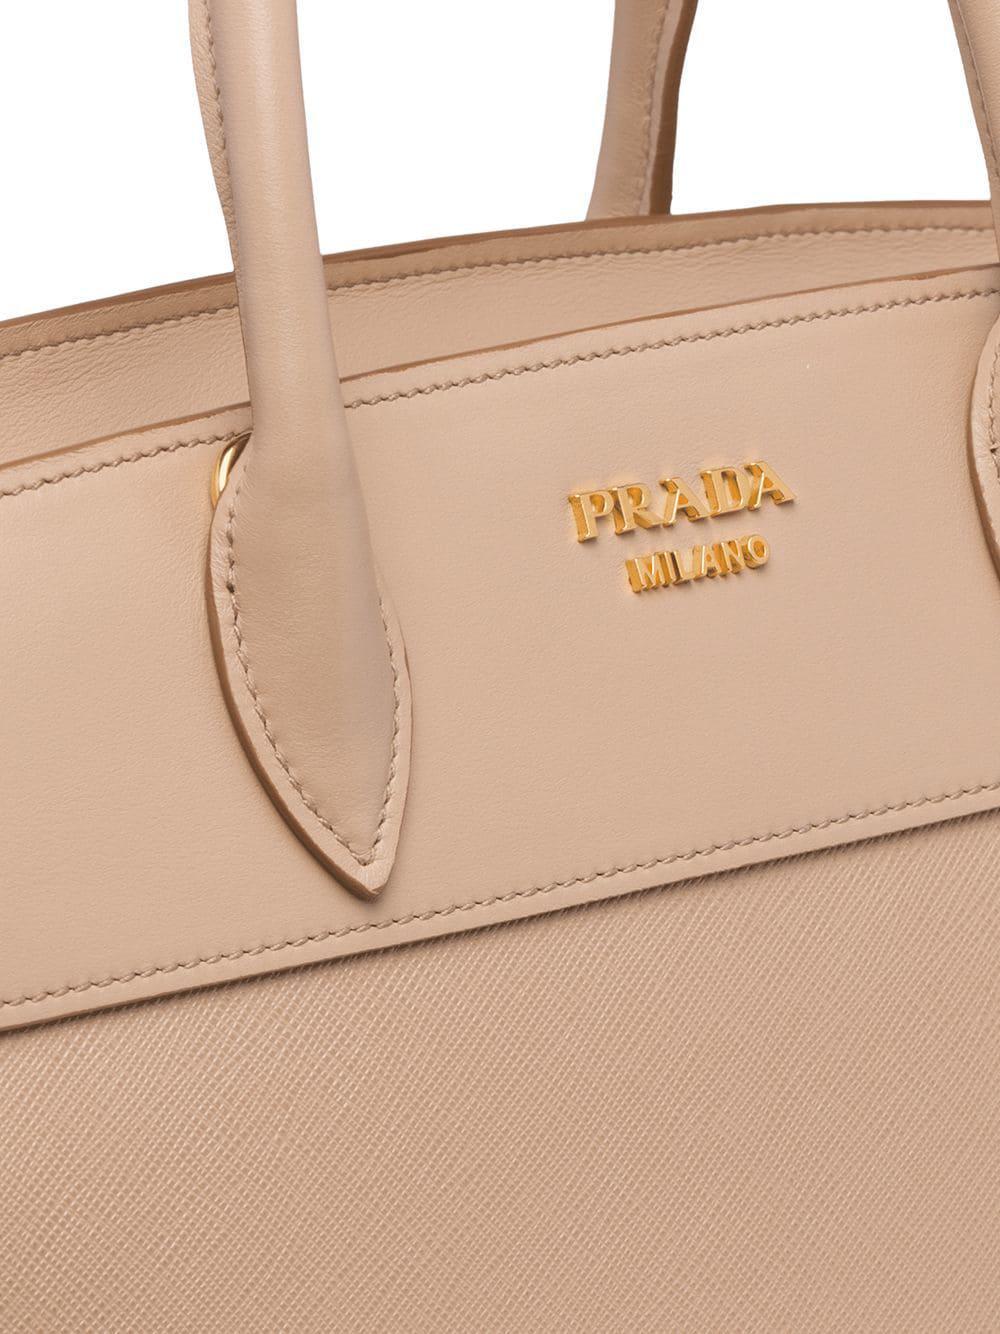 ddac7f6fe21f ... new zealand prada pink esplanade bag lyst. view fullscreen d3d10 9a903